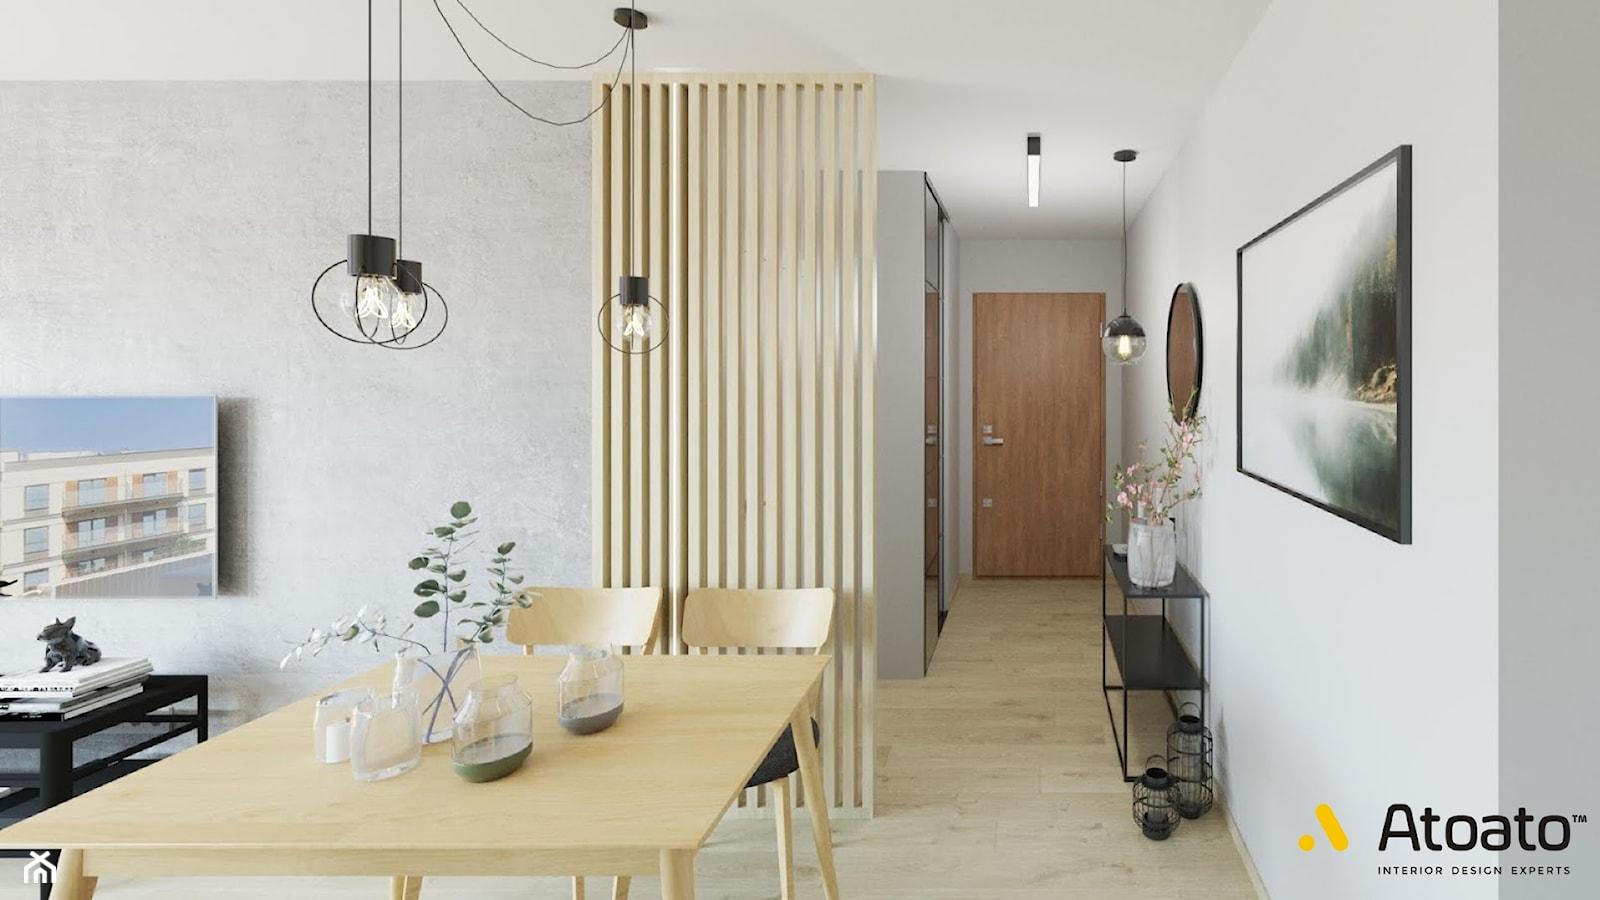 salon otwarty na korytarz - zdjęcie od Studio Projektowe Atoato - Homebook